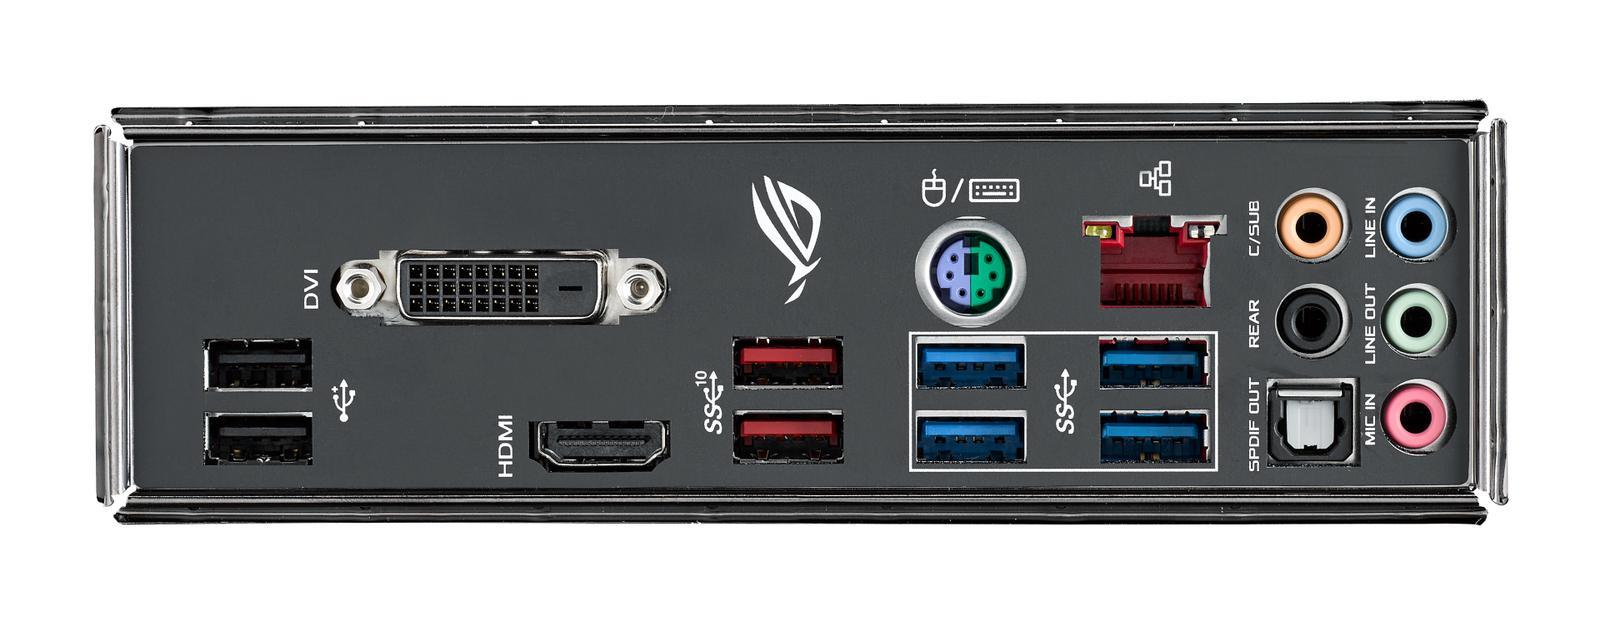 Asus ROG Strix Z370-H Gaming ATX LGA 1151